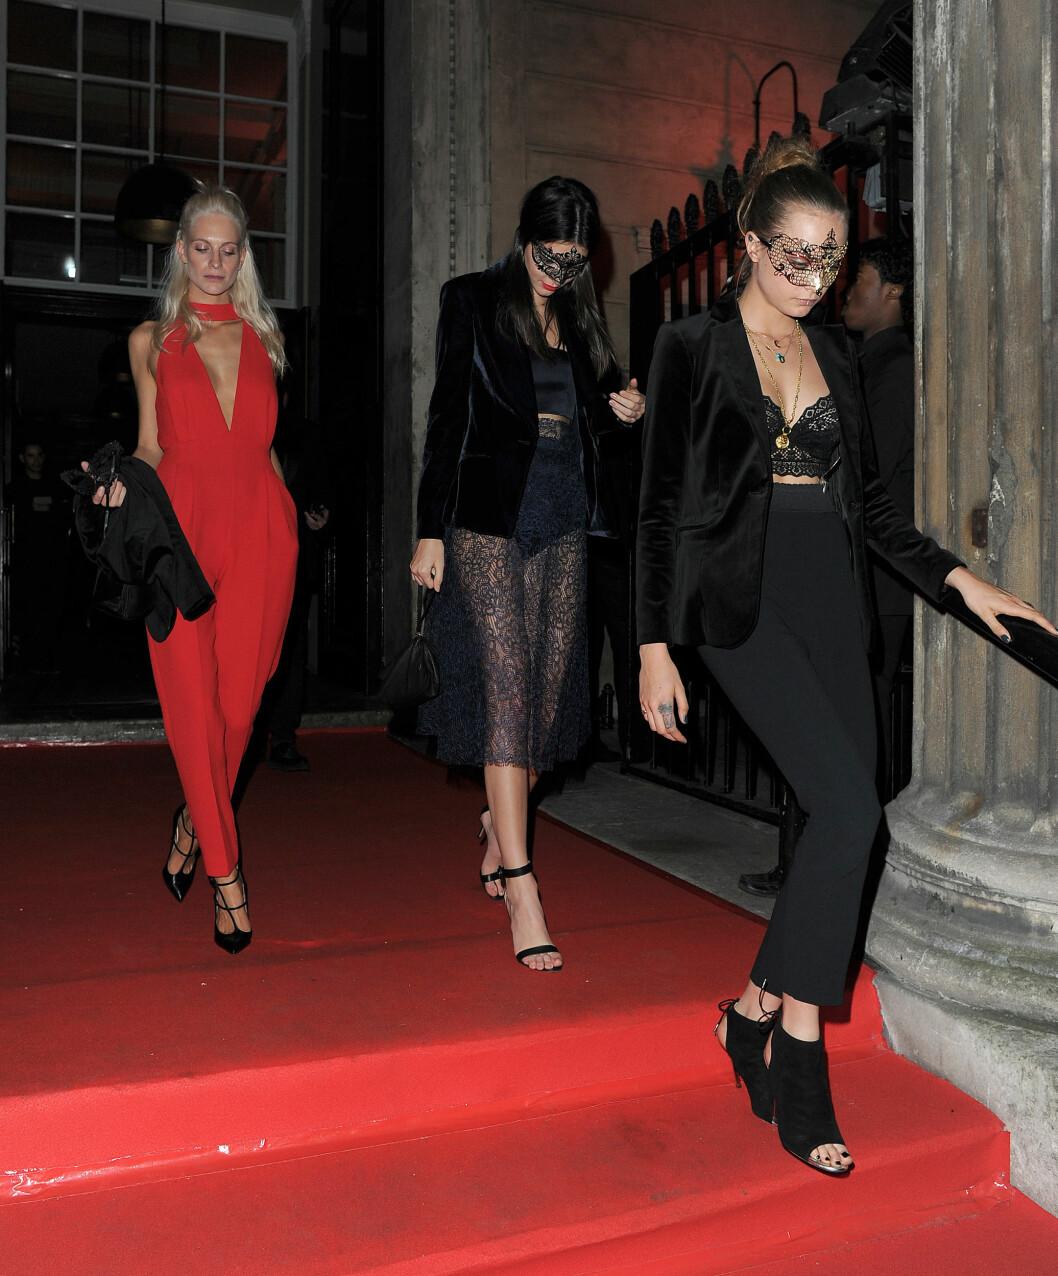 TREKLØVER: Poppy Delevingne, Kendall Jenner og Cara Delevingne holdt en lav profil da de forlot VIP-bursdagsfesten til Eva Cavalli på One Mayfair i London. Foto: Splash News